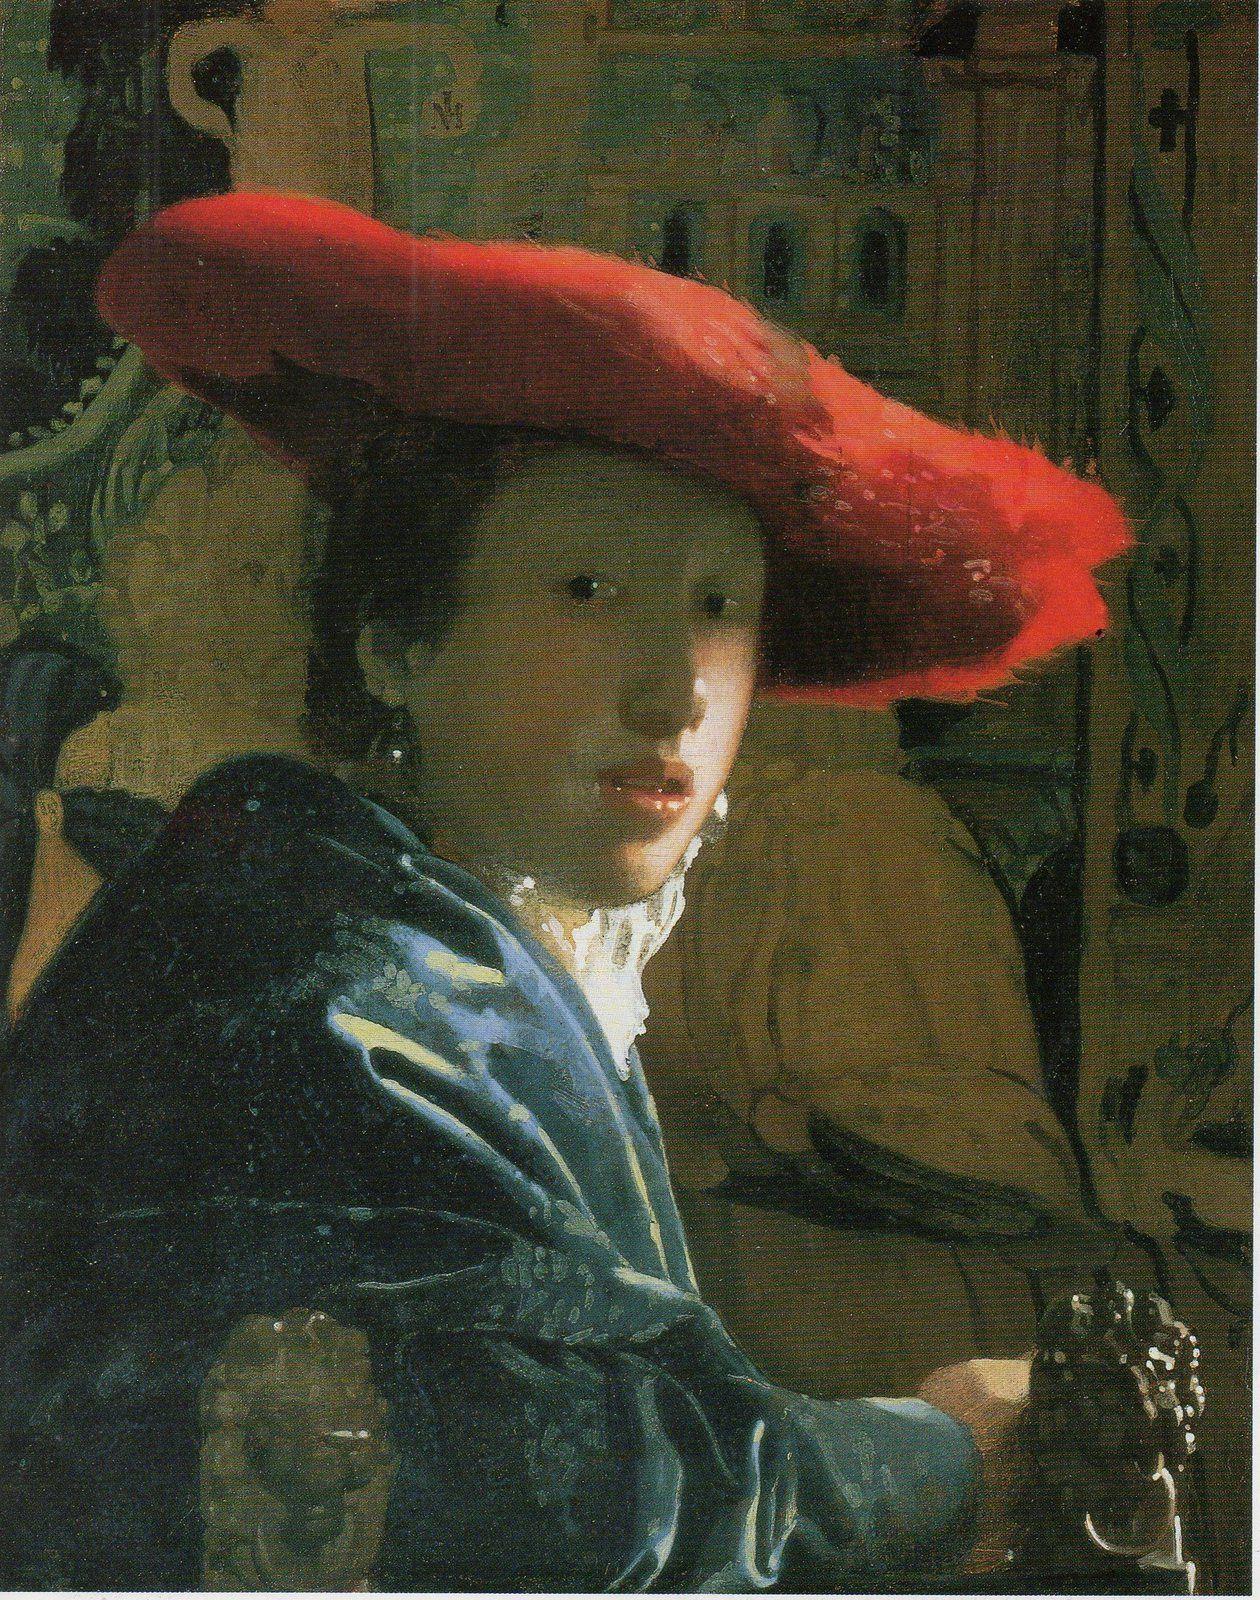 """( I ) Bienheureuse femme de ménage.  ( II ) Jeune fille au chapeau rouge, de Jan Vermer. XVII ème siècle. Art classique. ( III ) Intitulé Fontaine, cet urinoir renversé est considéré comme un symbole de 'art contemporain!  ( IV ) Merda d'artista, de Piero Manzoni. Autre """"chef d'oeuvre d'AC . ( V ) Auto portrait à l'oeil blessé, de Francis Bacon. Peint en 1972, ce tableau montre qu'on peut aujourd'hui peindre sans étre de l'école d'AC. Les couleurs les lignes décrivant la souffrance morale et les infirmités, suggère en même temps la capacité à vaincre par une démarche toute intérieure de concentration ."""